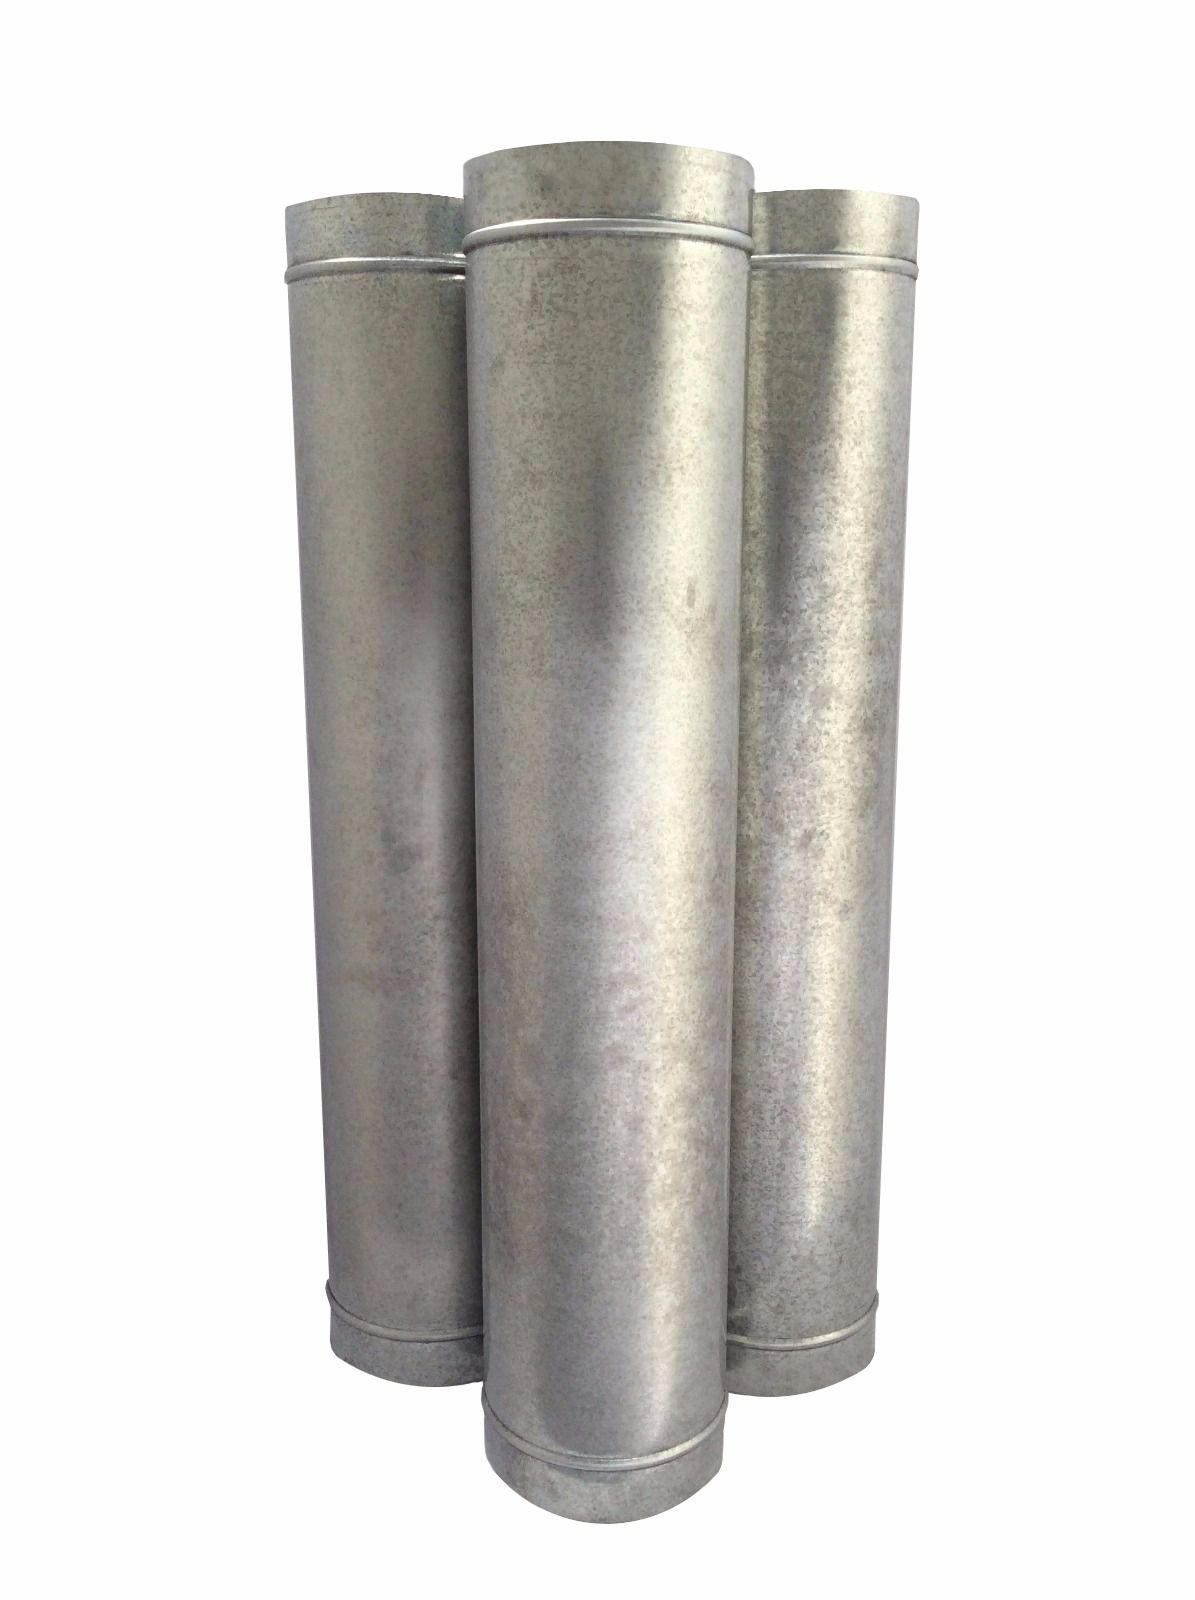 Chamine para forno de 150 mm de diâmetro  - Galvocalhas